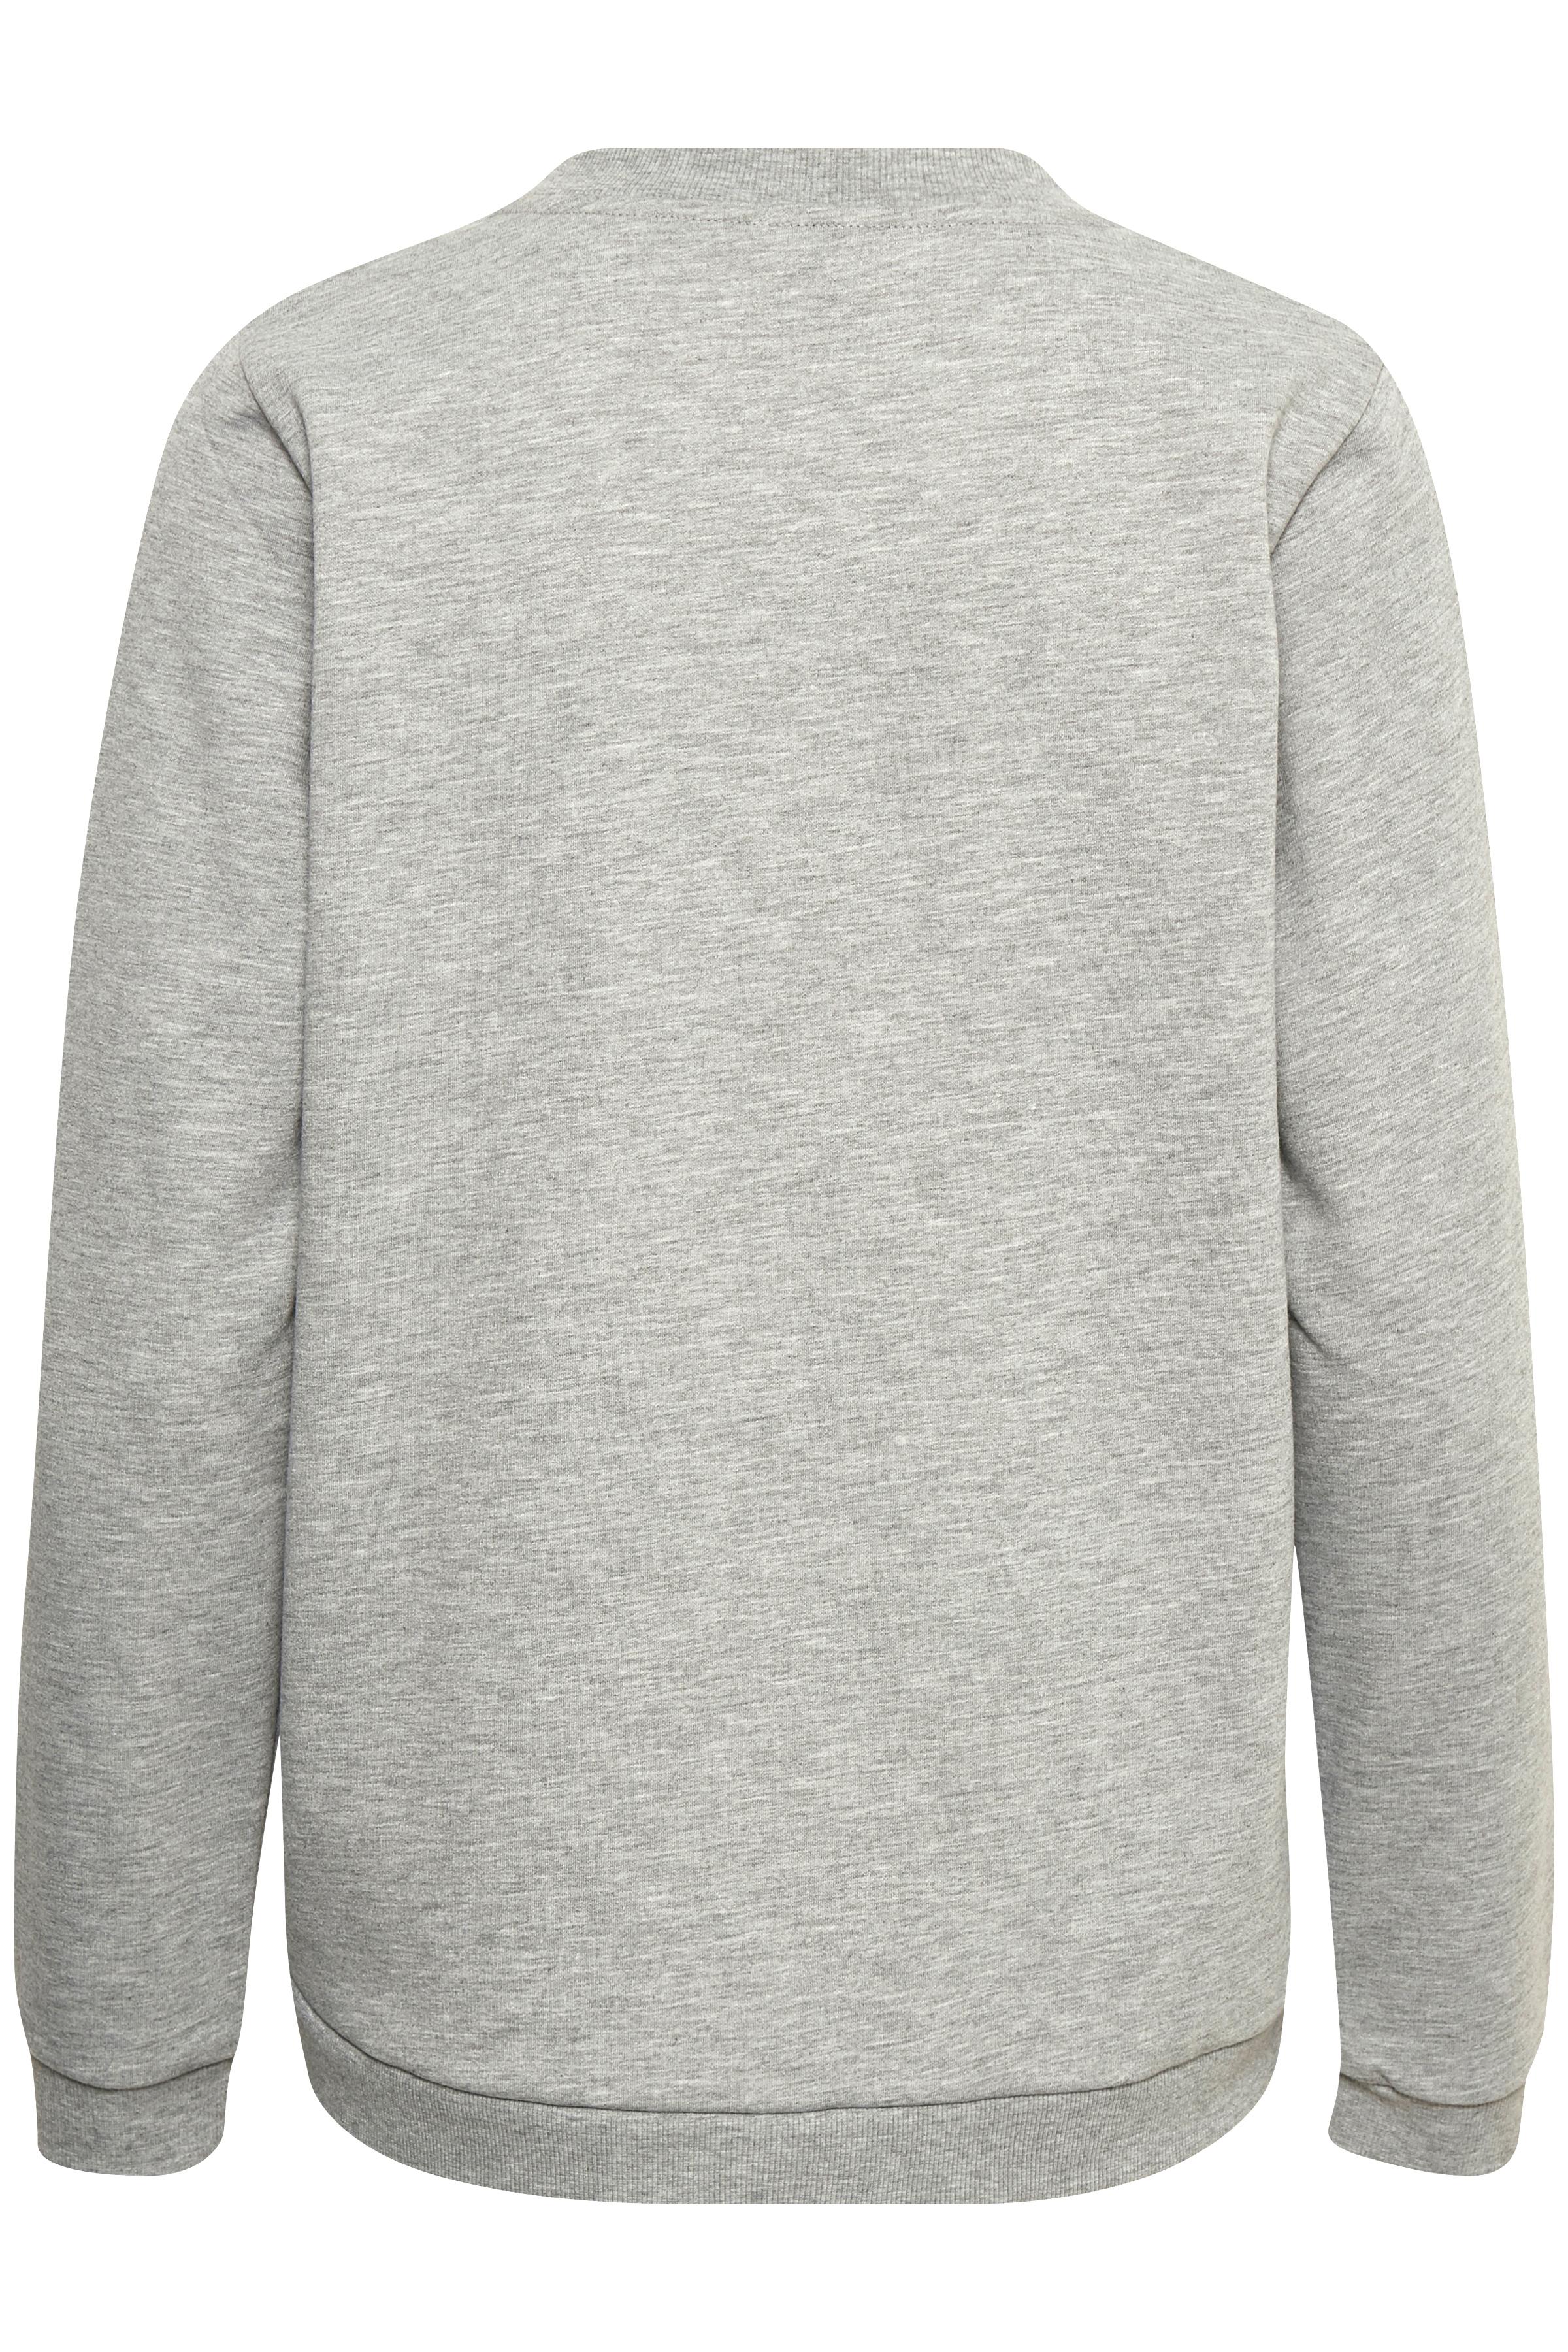 Grau meliert Sweatshirt von Bon'A Parte – Shoppen Sie Grau meliert Sweatshirt ab Gr. S-2XL hier